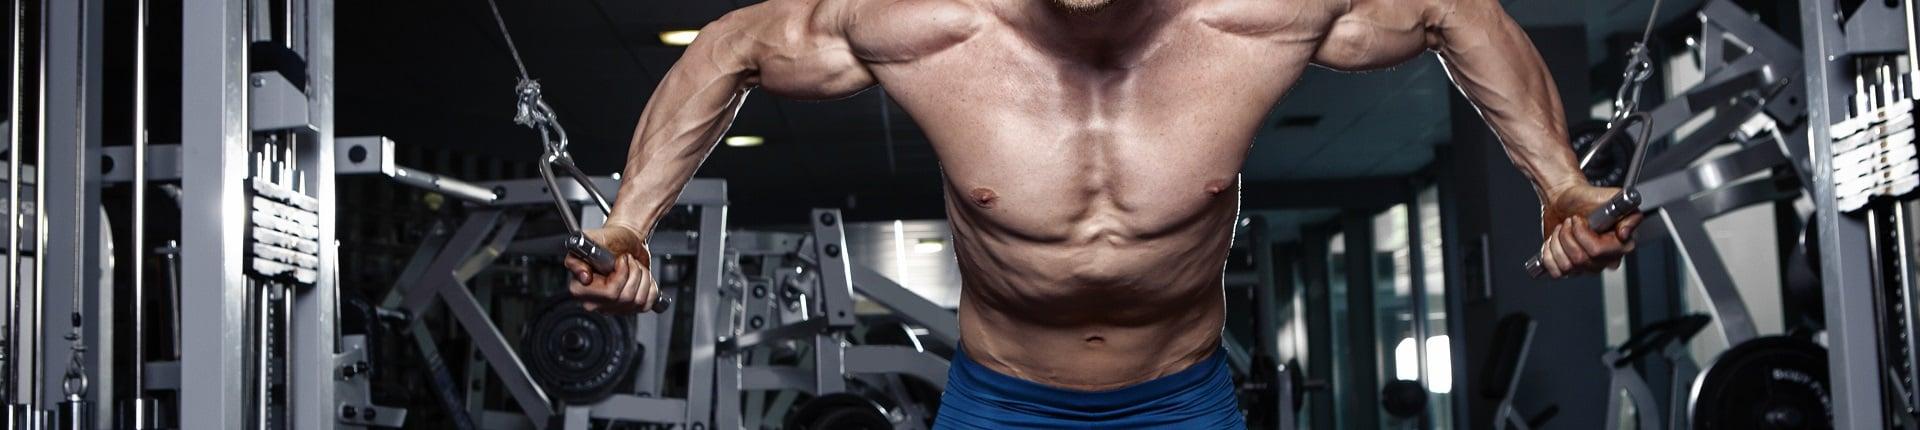 Progresja treningowa  - klucz do rozwoju muskulatury